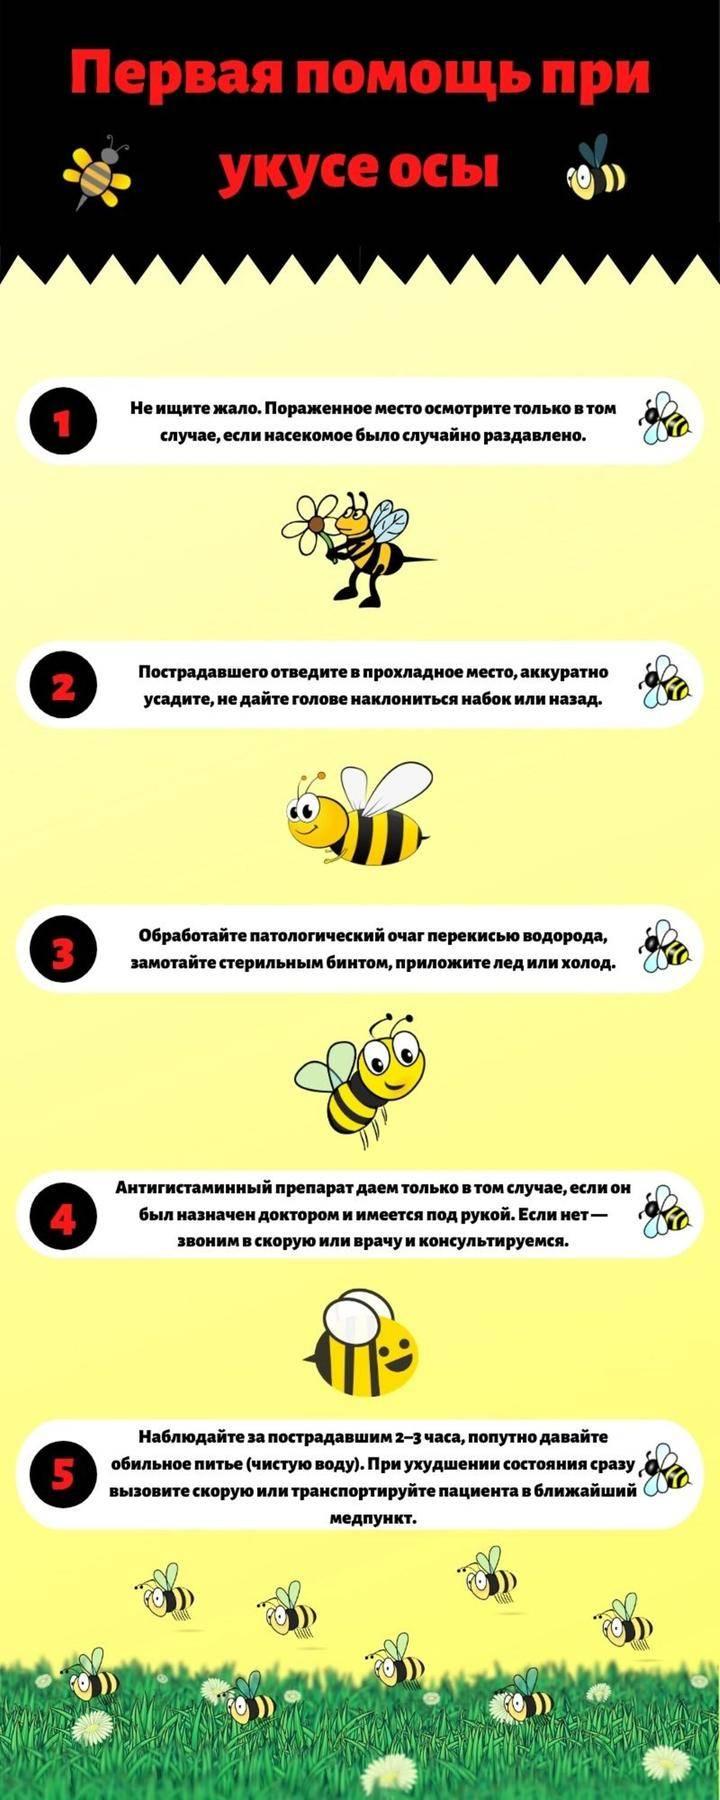 Кота укусила оса — что делать? 6 общих симптомов